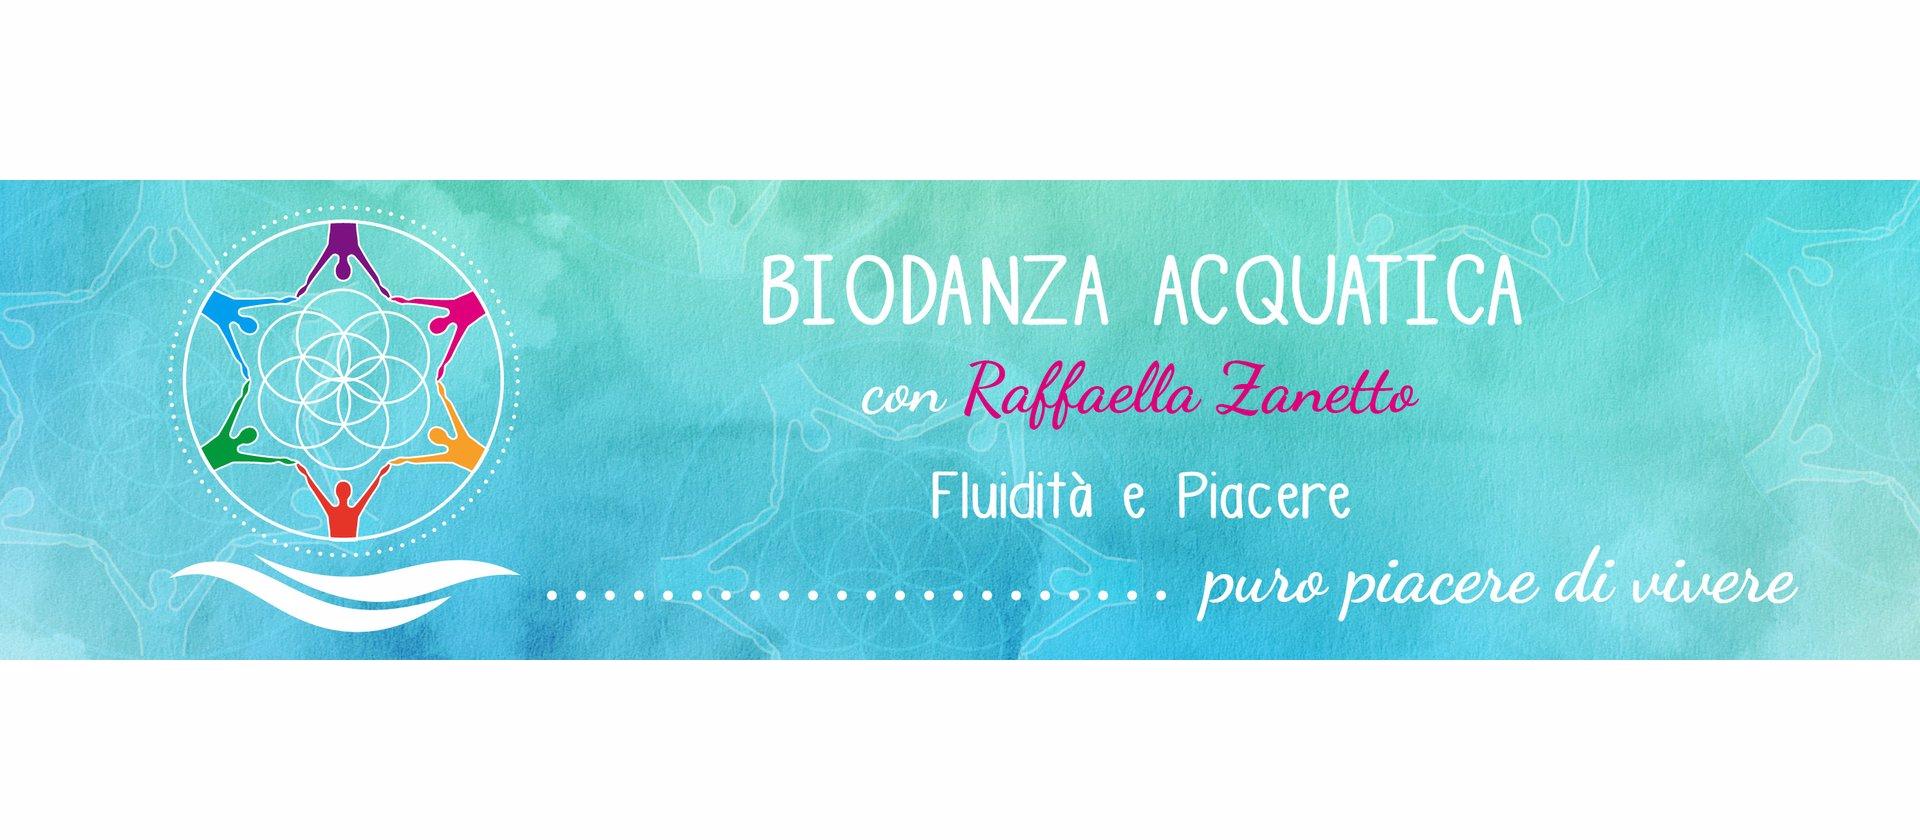 2 fascia sito biodanza acquatica w